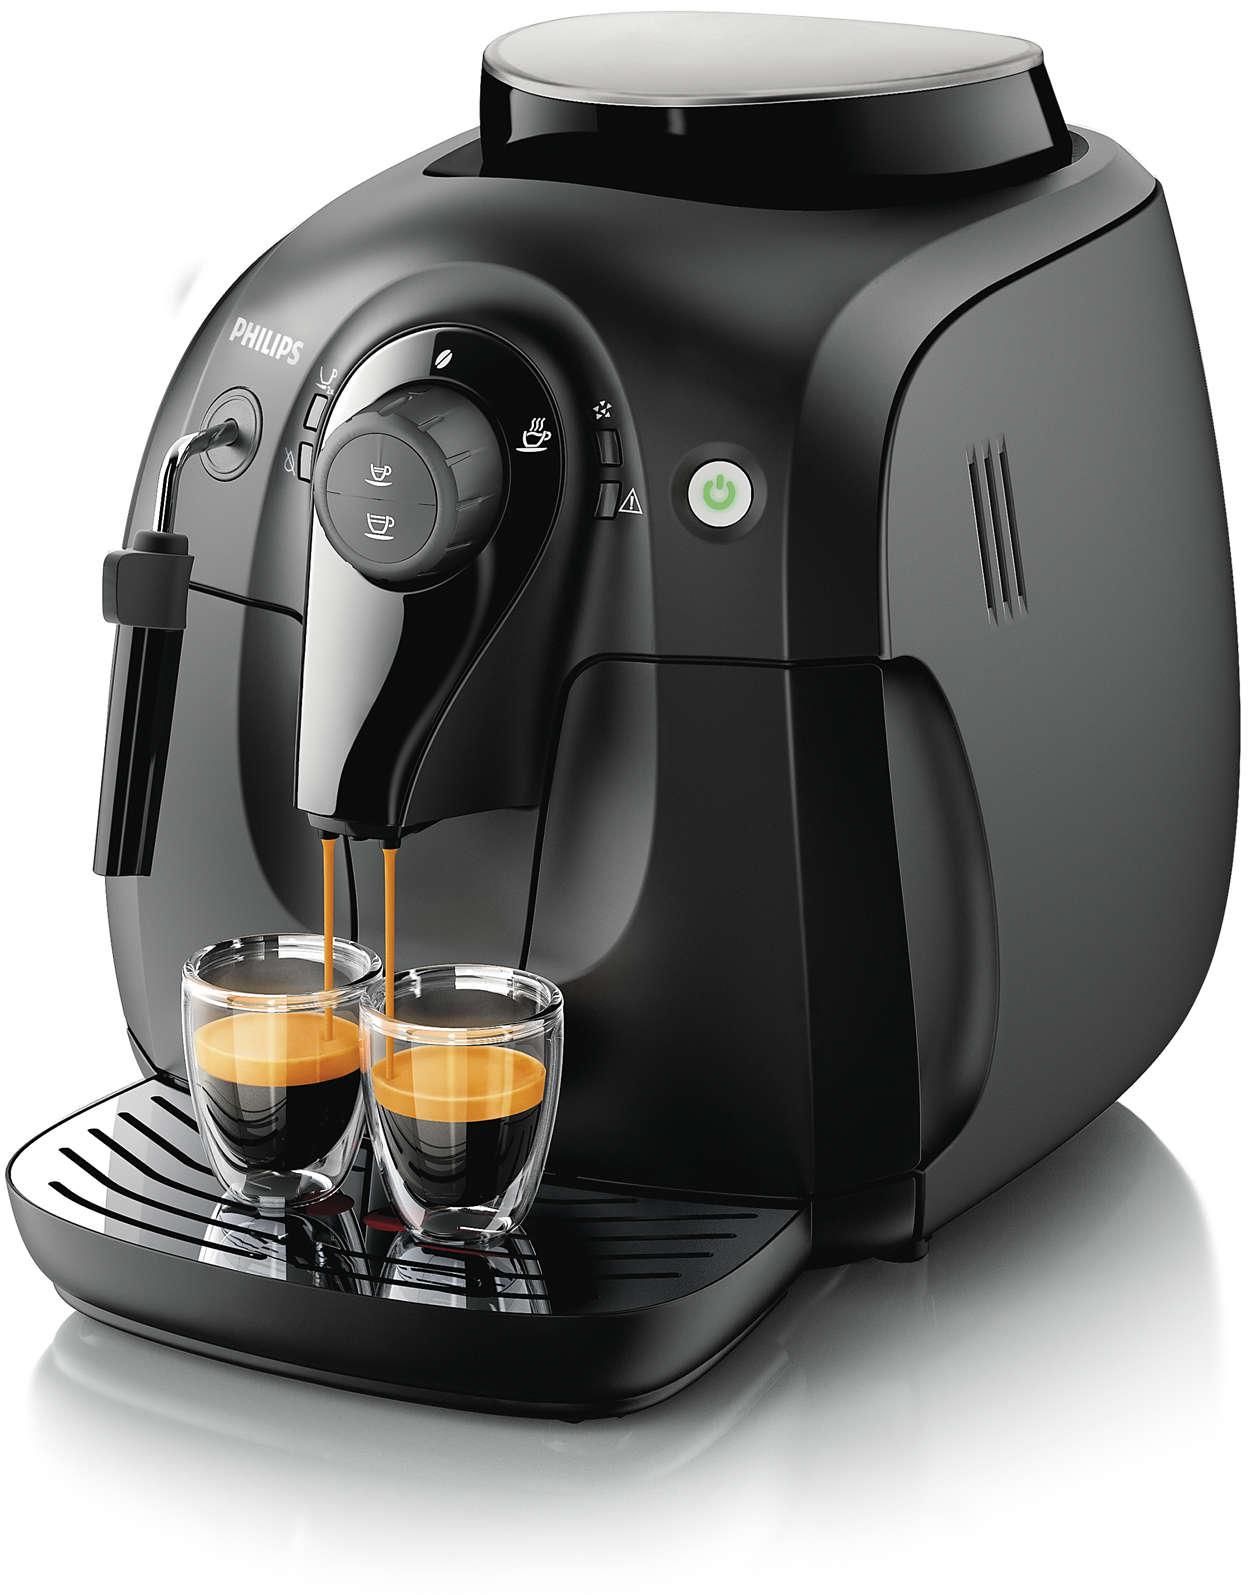 Vychutnajte si arómu svojich obľúbených kávových zŕn